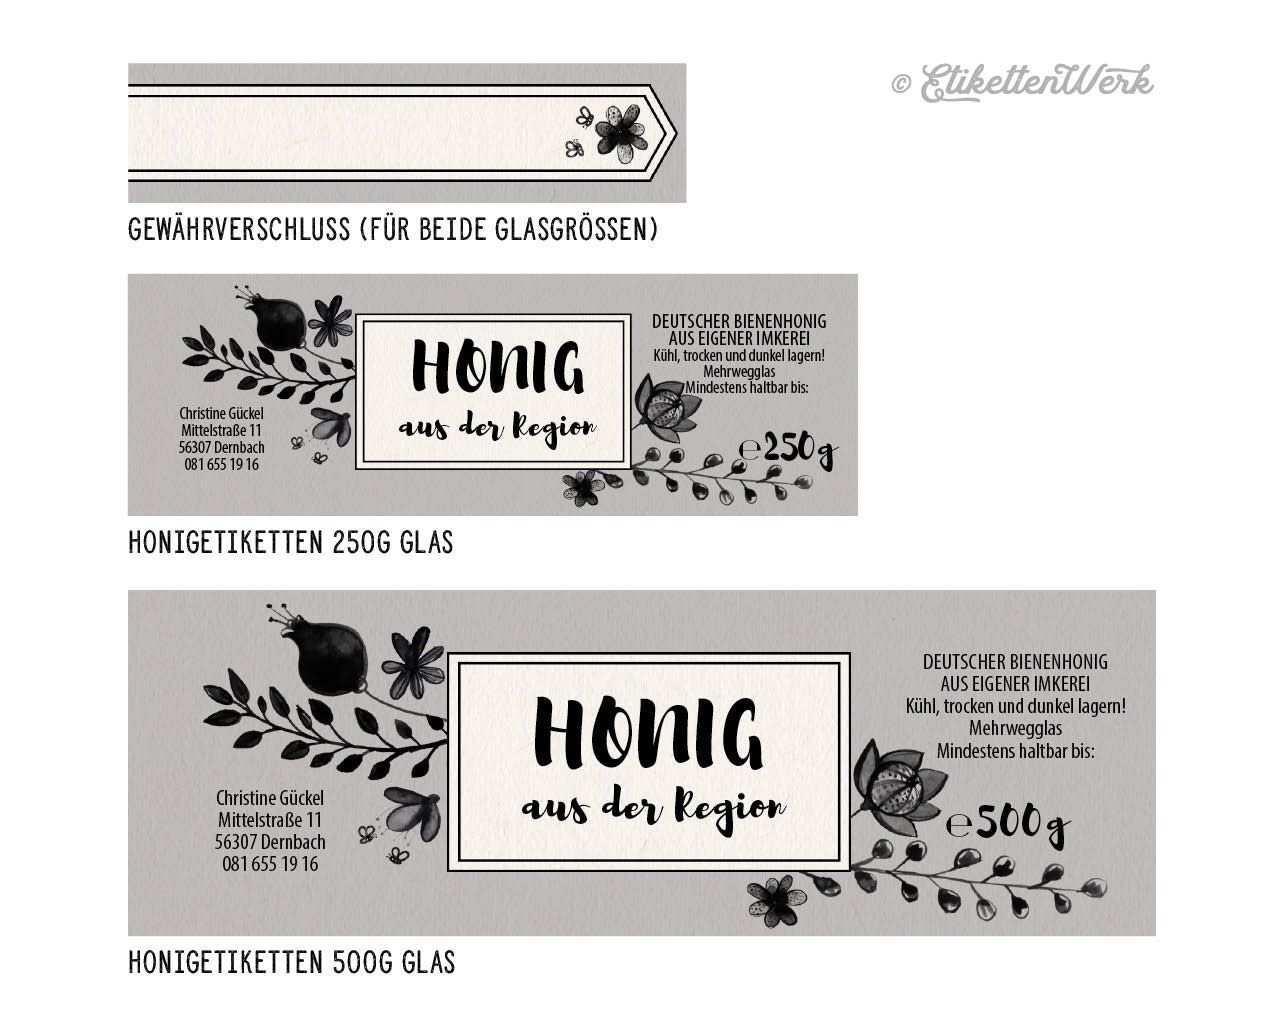 Pin Von Etikettenwerk Auf Bees In 2020 Honig Etikette Etiketten Honig